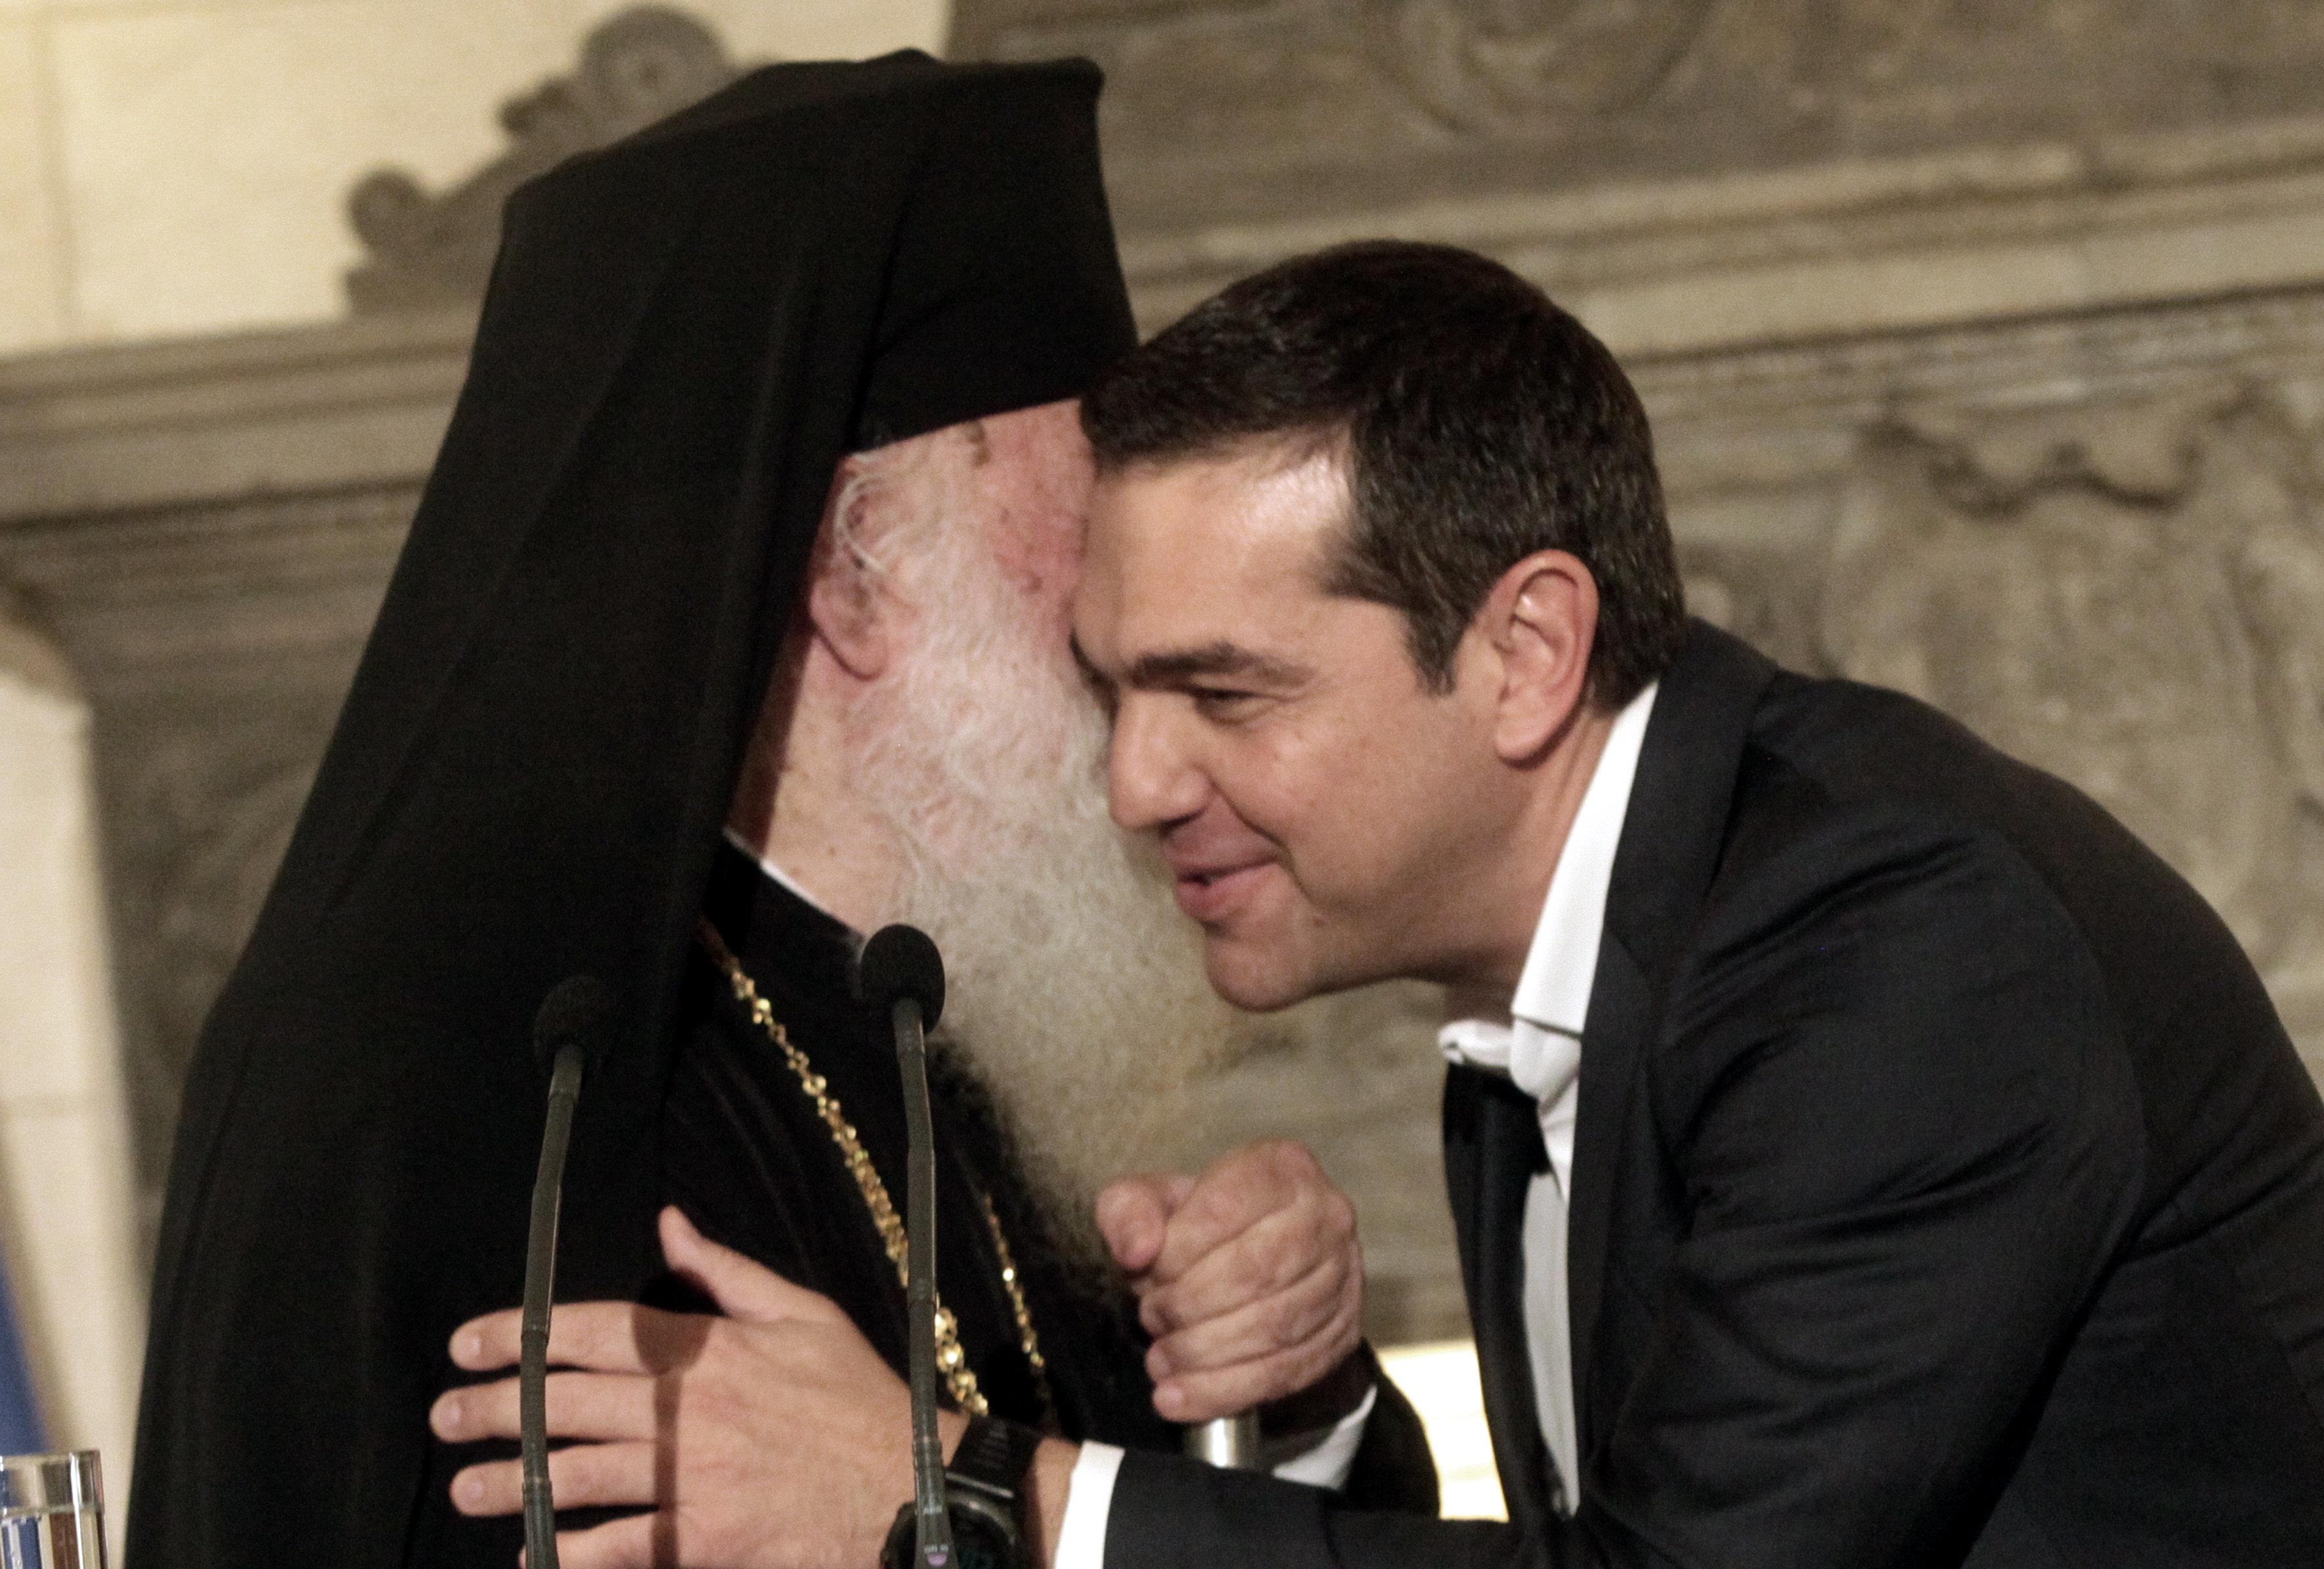 Η δυσαρέσκεια του Βαρθολομαίου για τη συμφωνία Τσίπρα-Ιερώνυμου στο επίκεντρο της συνάντησης του με τον Κώστα